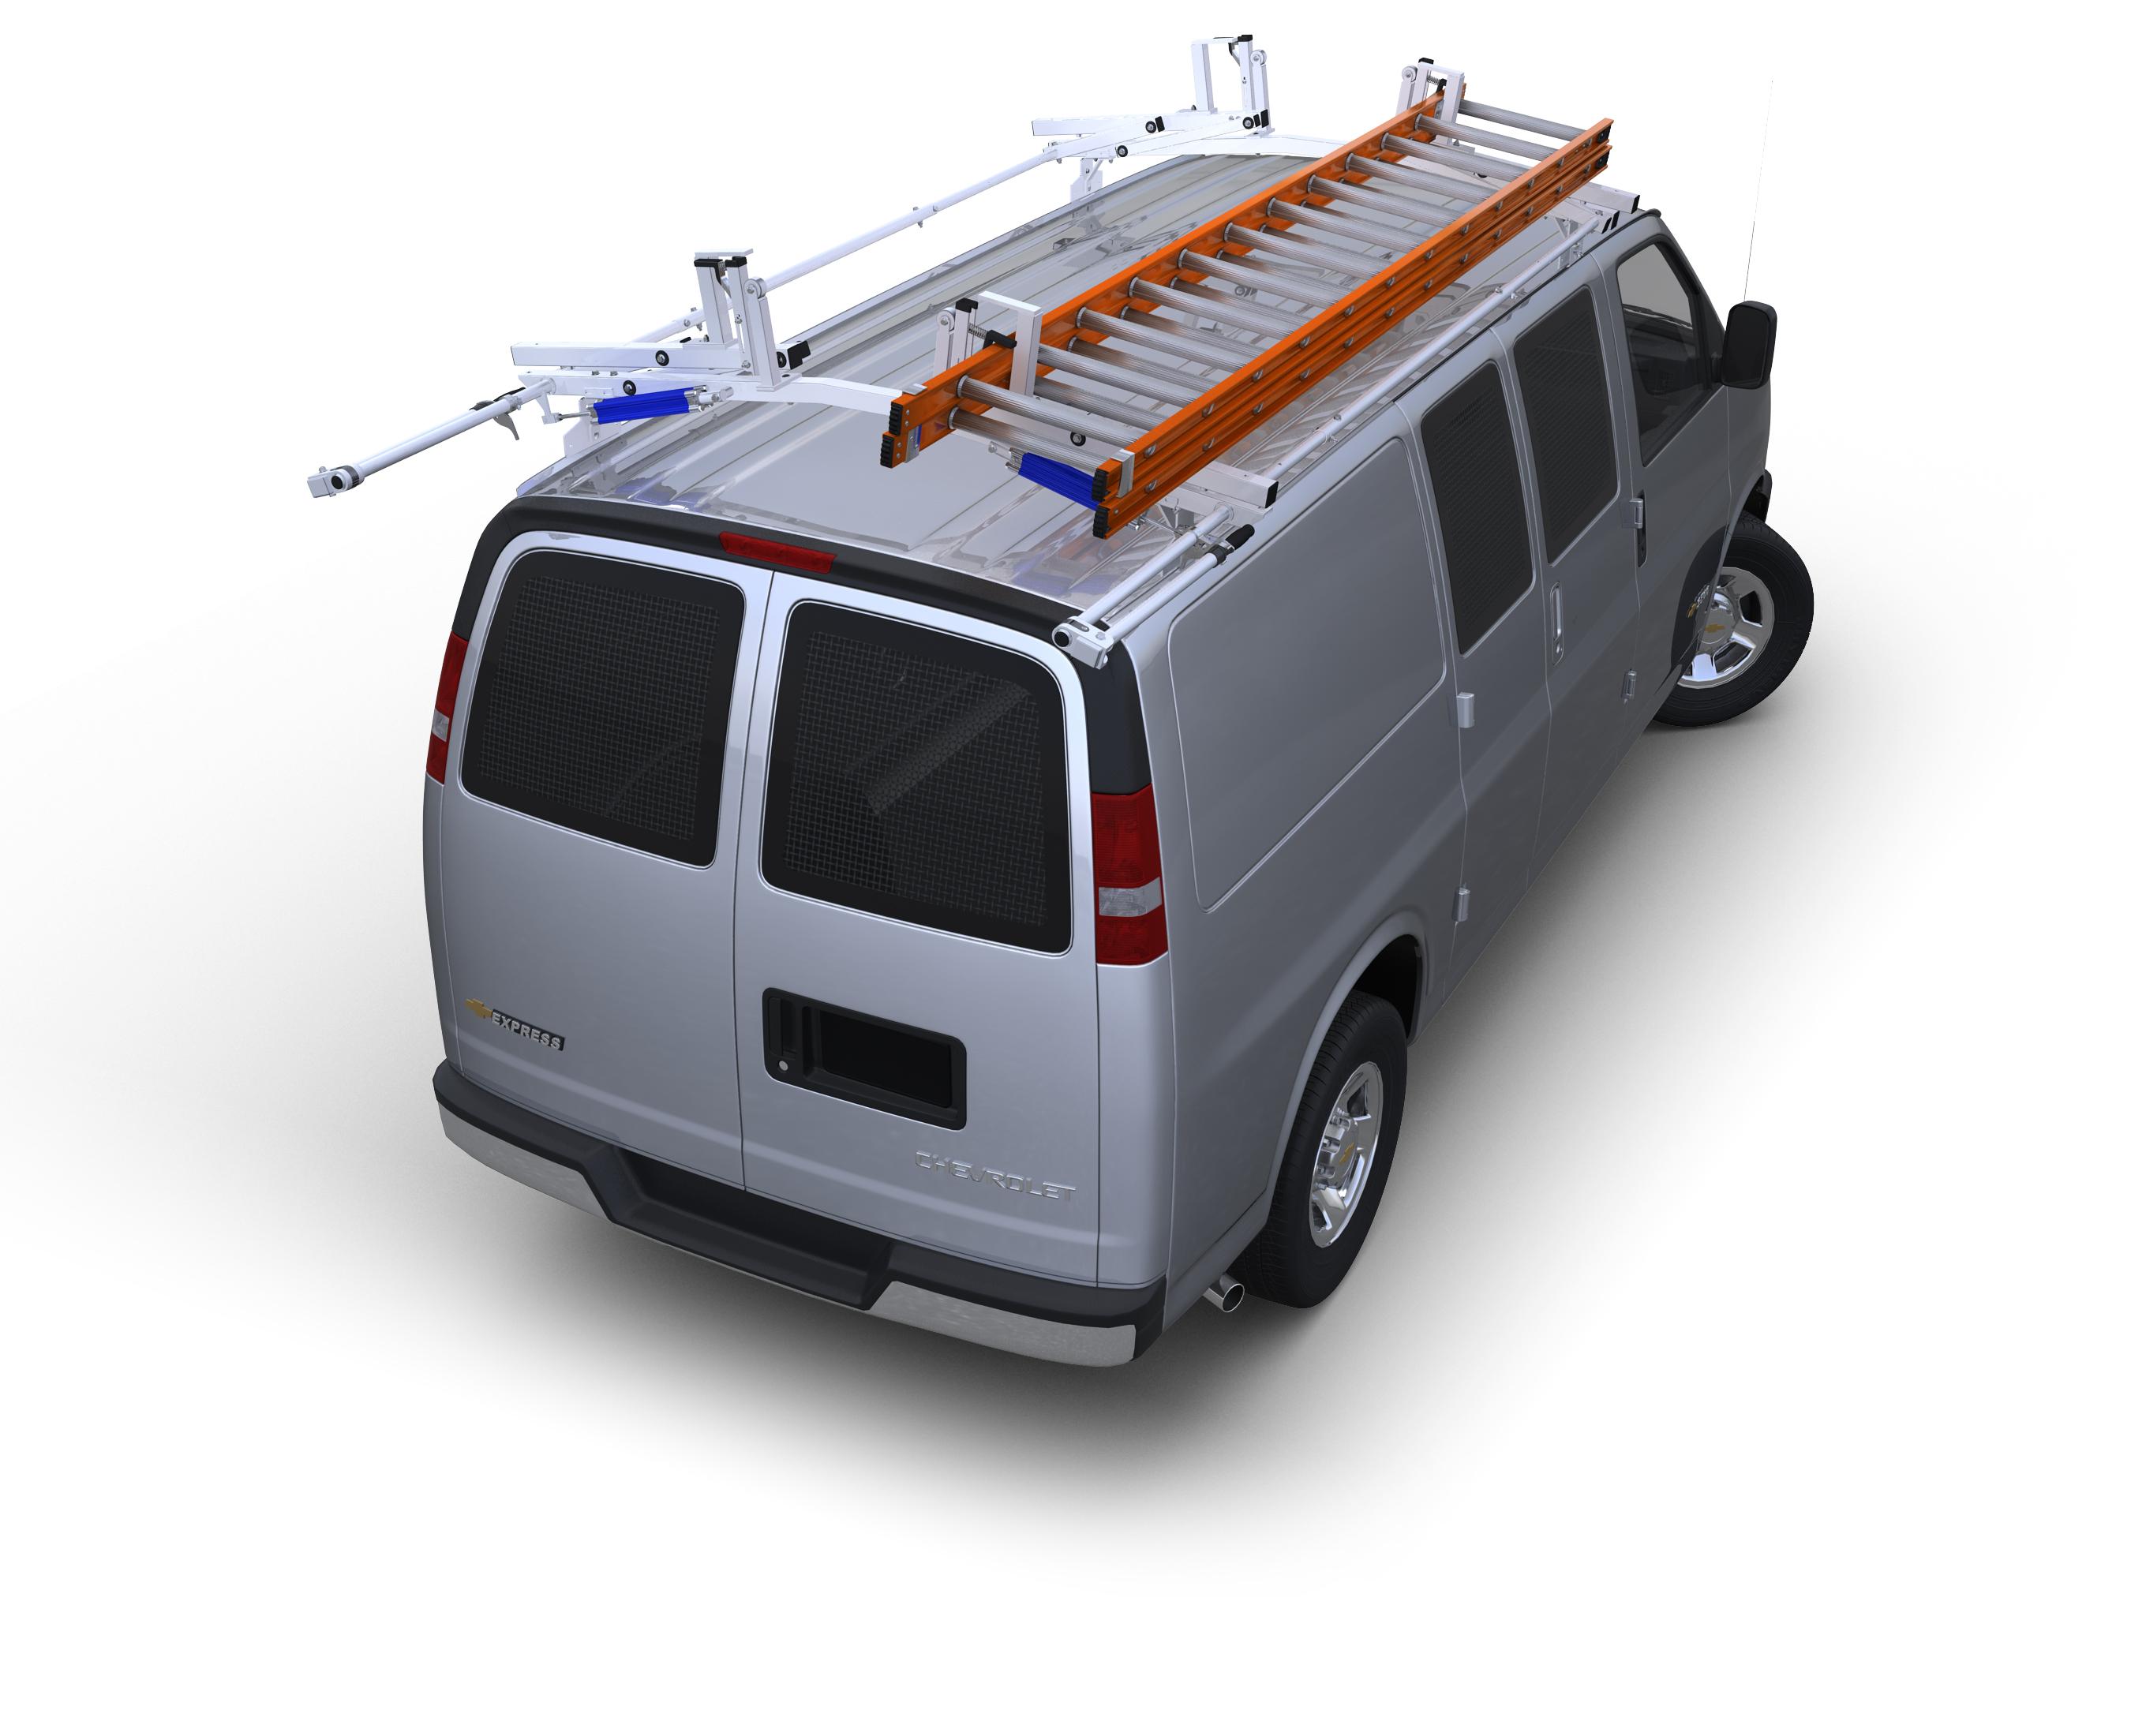 """MB Sprinter 144""""WB High Roof Base Van Package, Steel Shelving - SAVE $150!"""